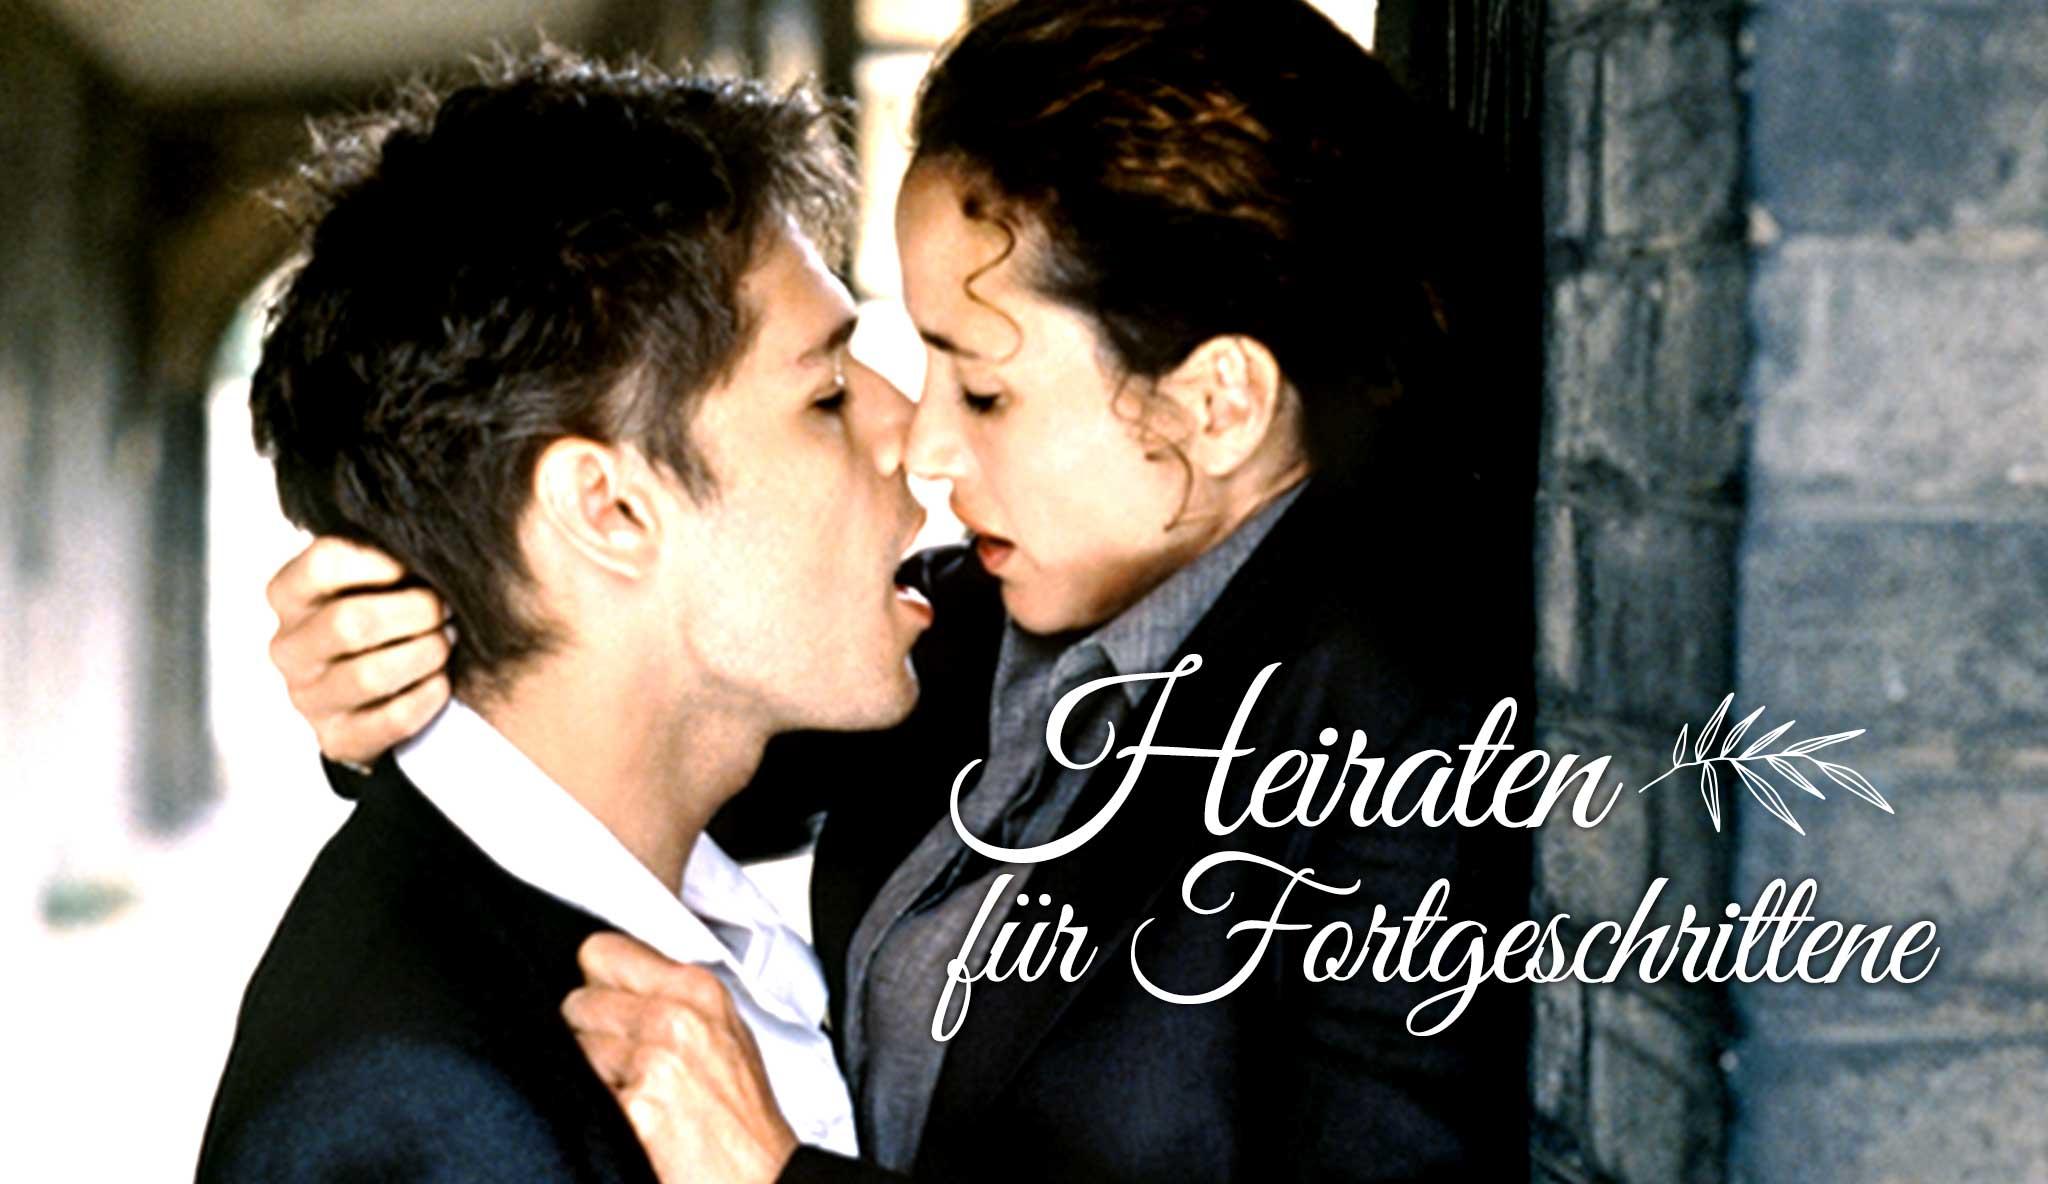 heiraten-fur-fortgeschrittene\header.jpg